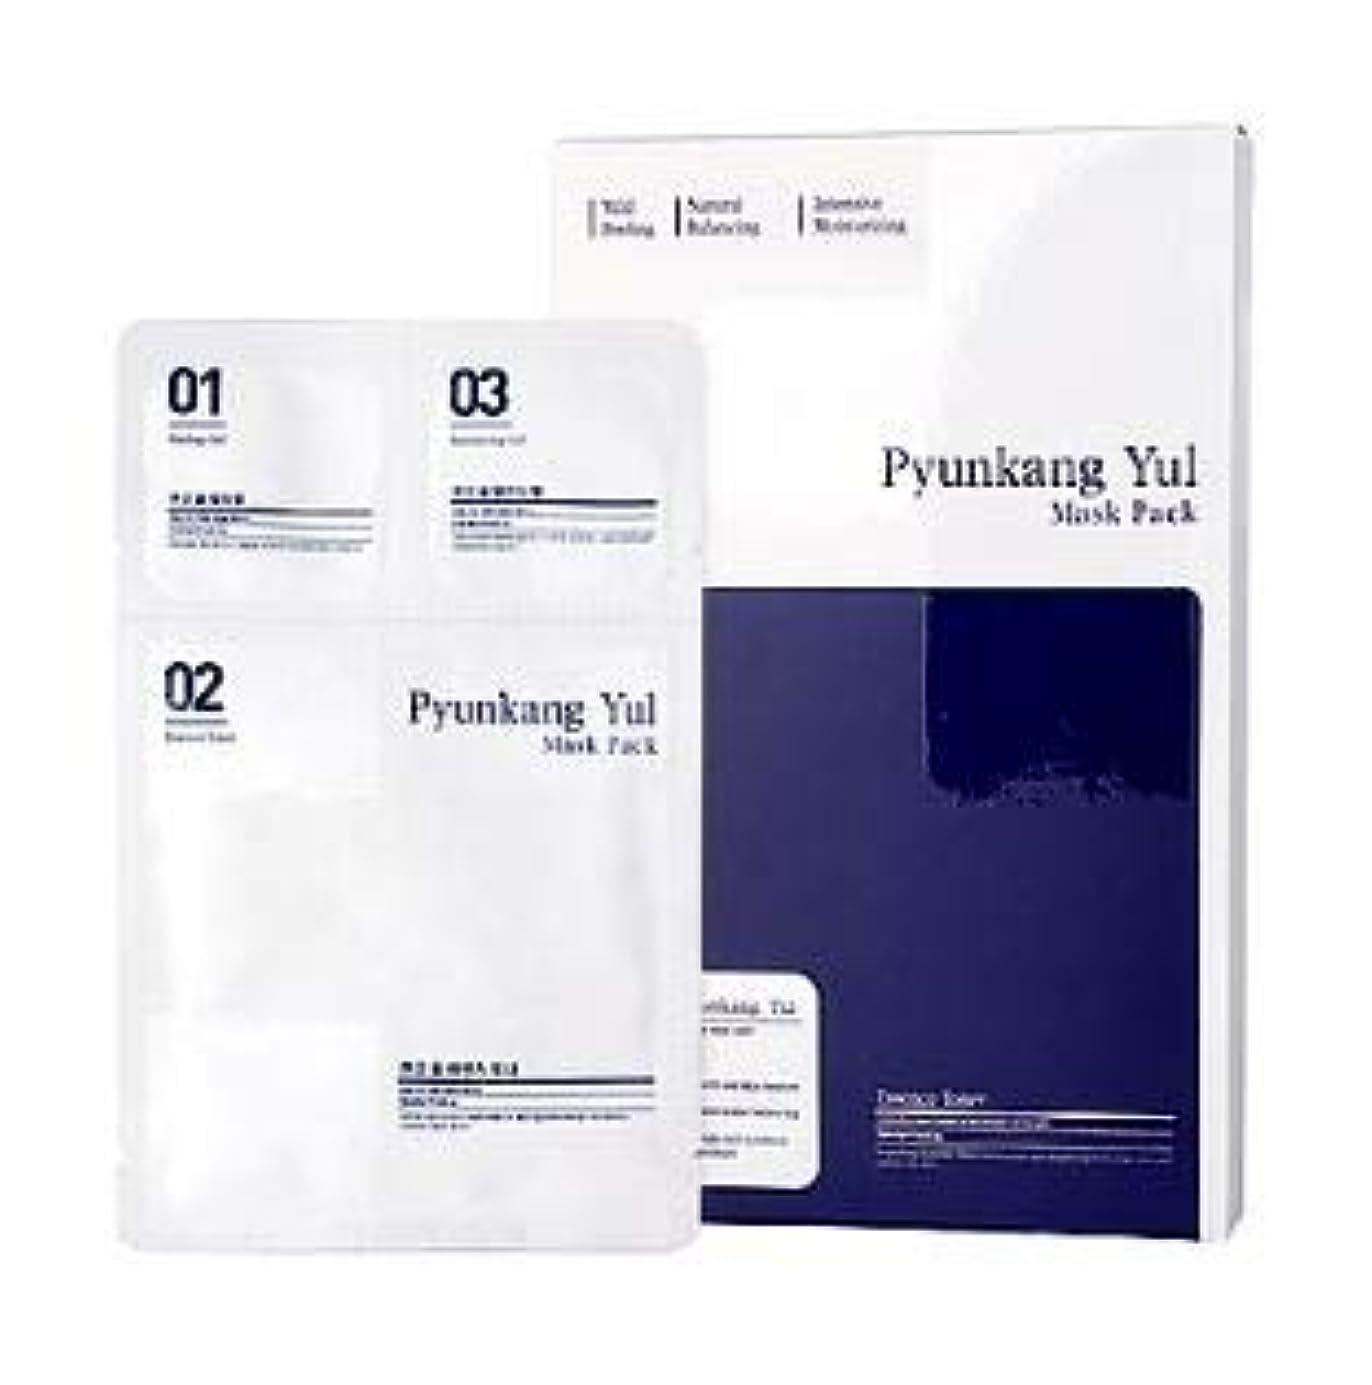 ギャラントリーコークス回想[Pyunkang Yul] 3 Step Mask Pack (5ea) /[扁康率(PYUNKANG YUL)] 3 ステップ マスク パック (5枚) [並行輸入品]